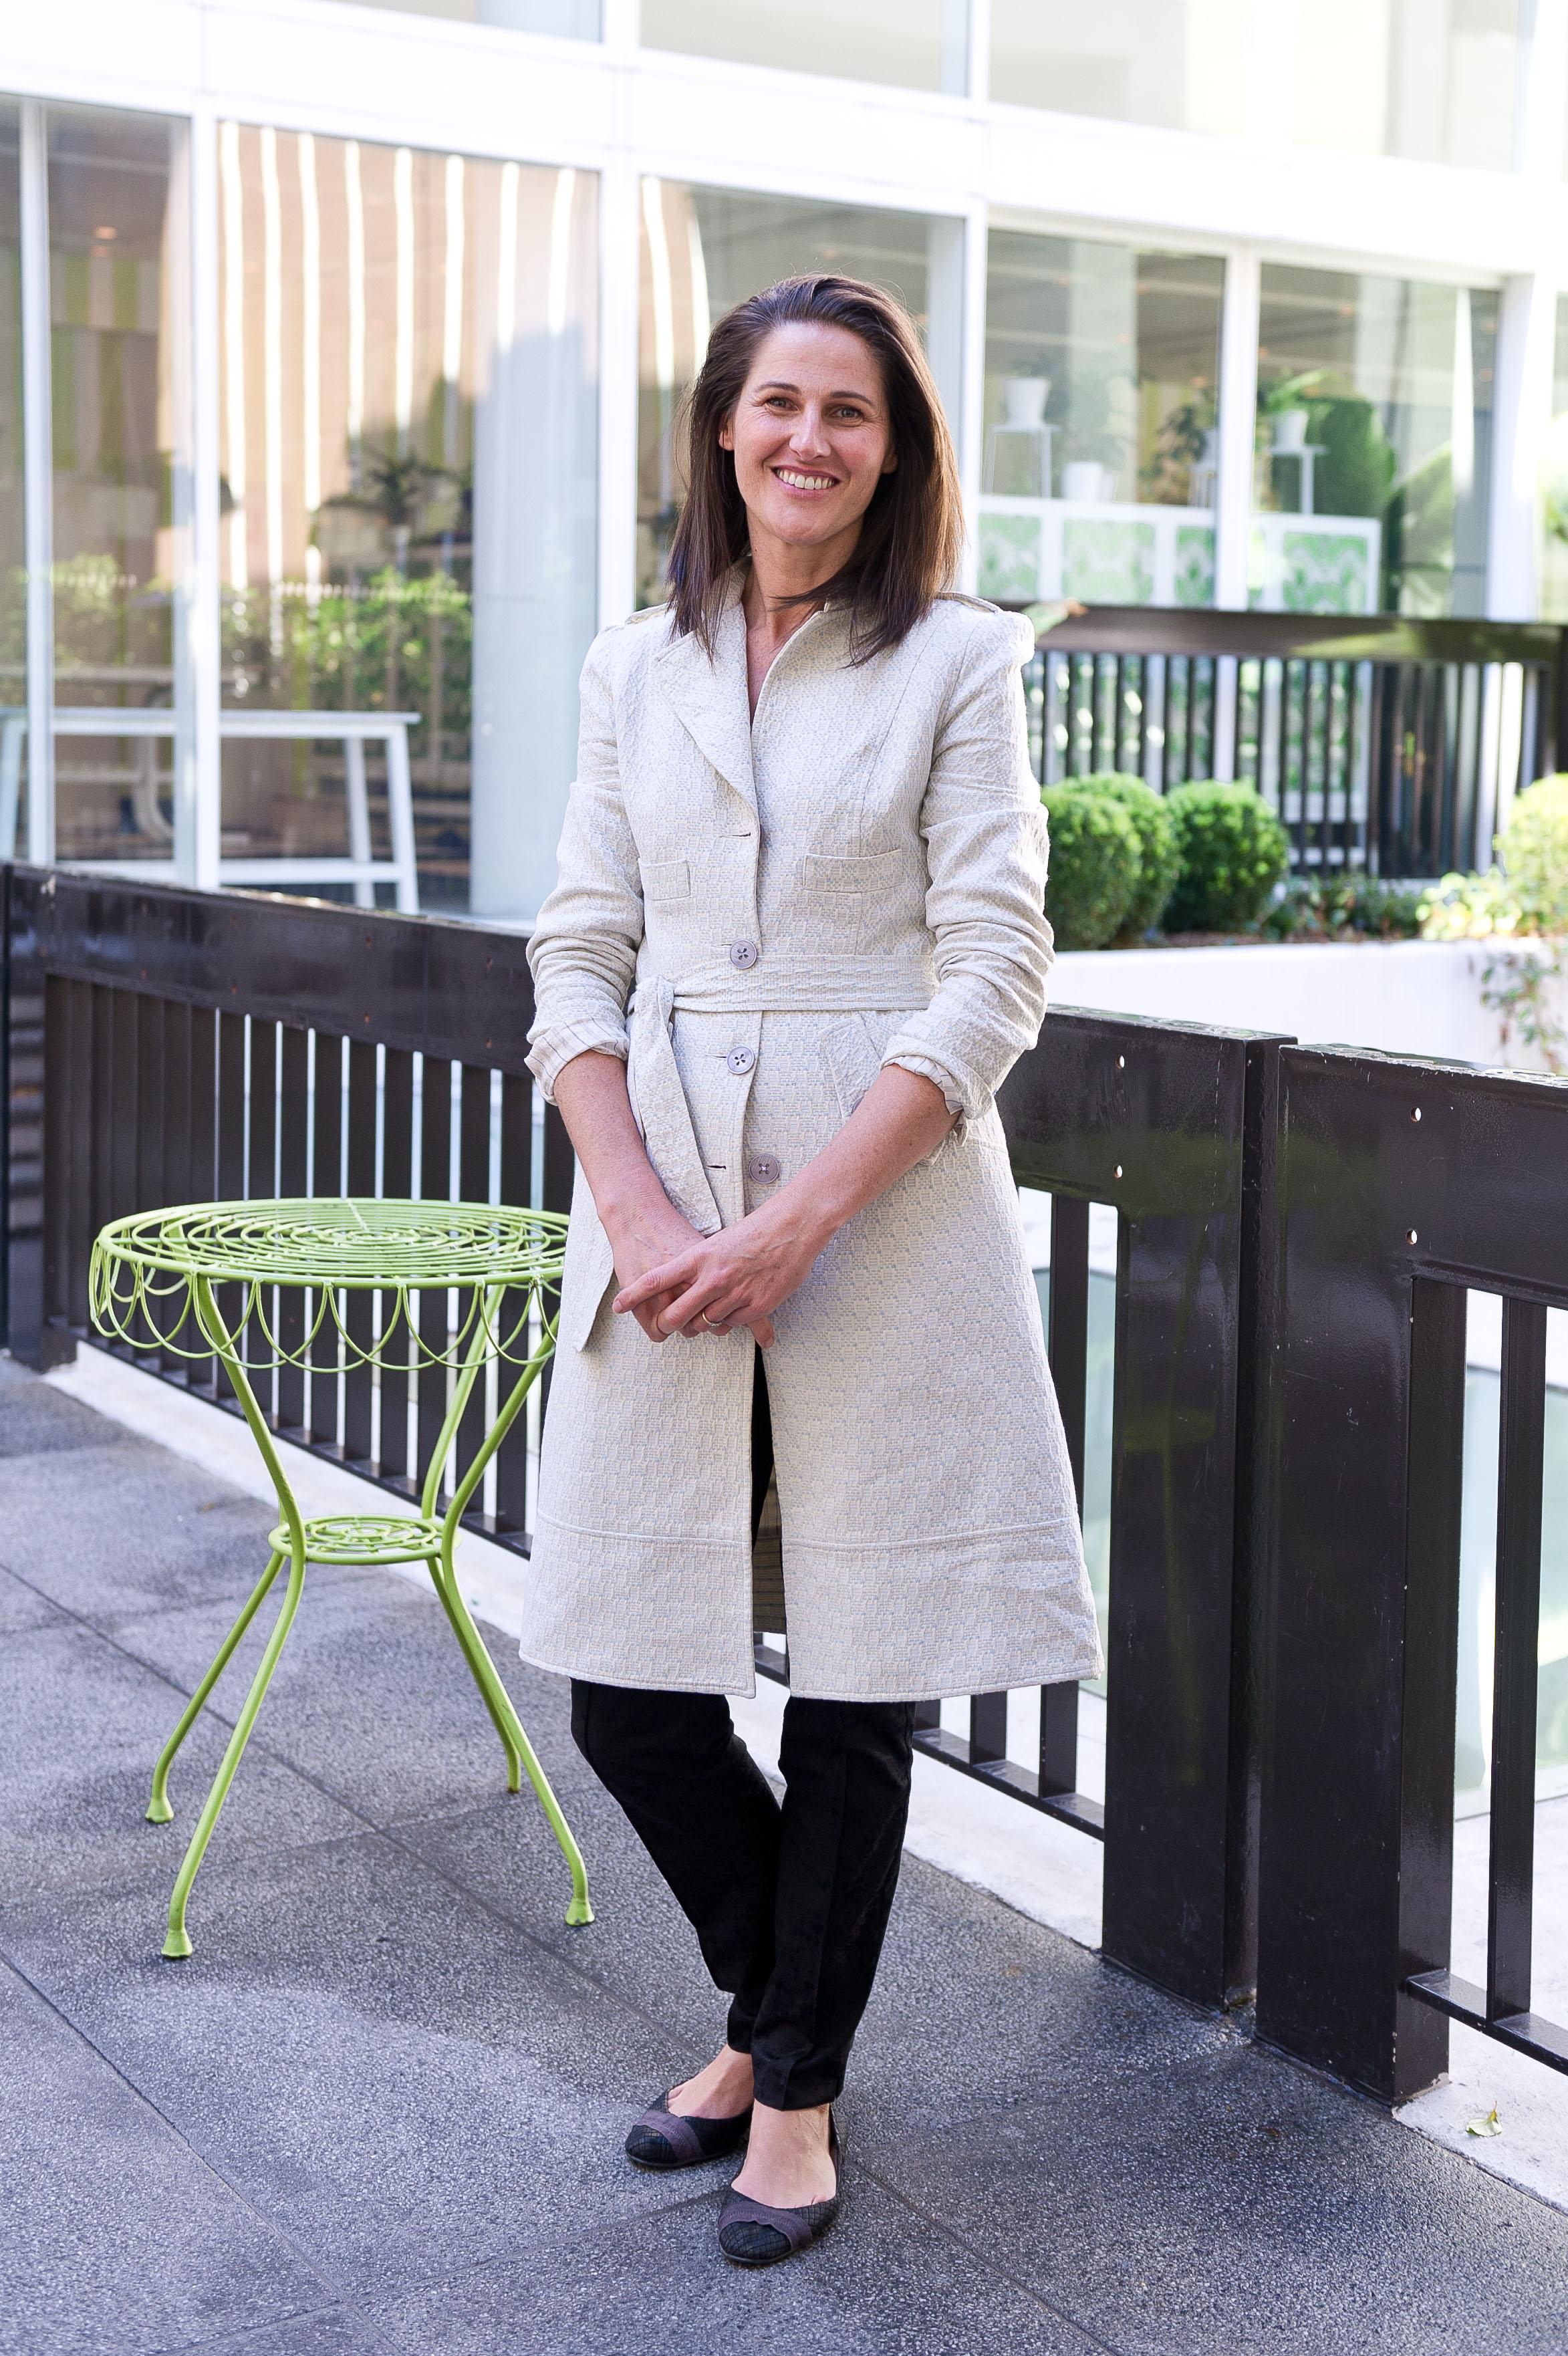 Kristina McHugh, Director